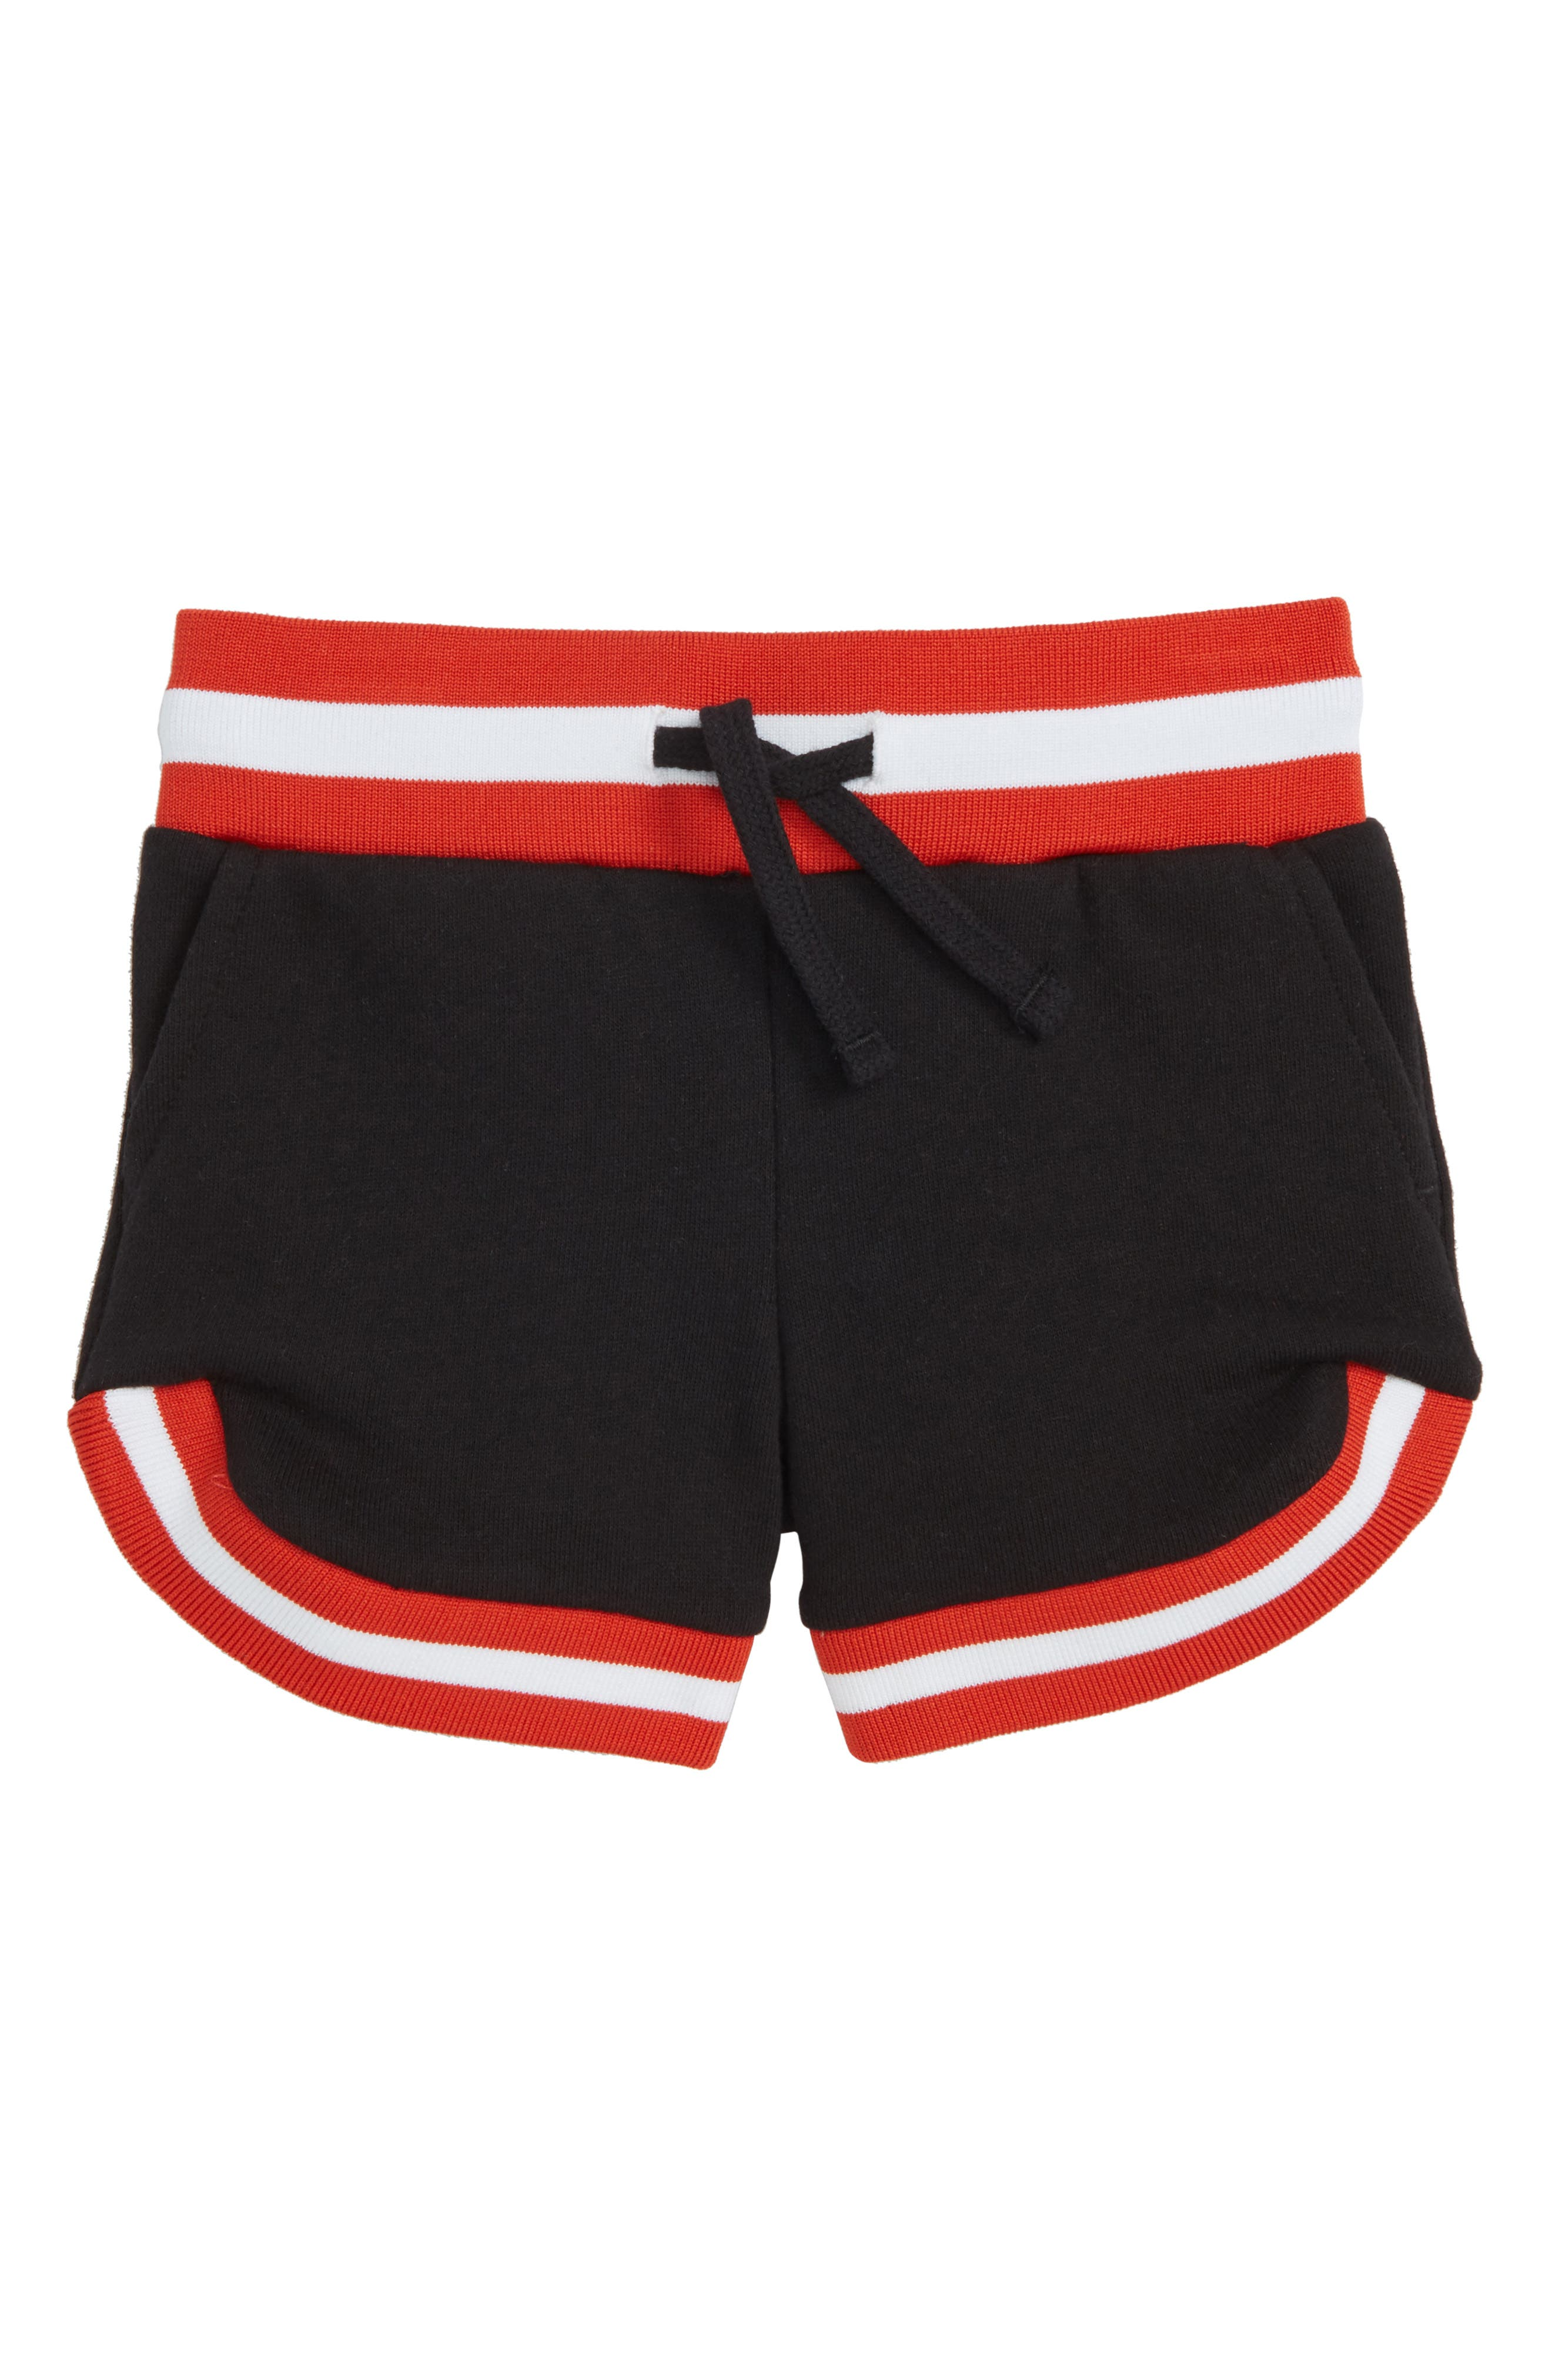 Delilah Shorts,                         Main,                         color, 001